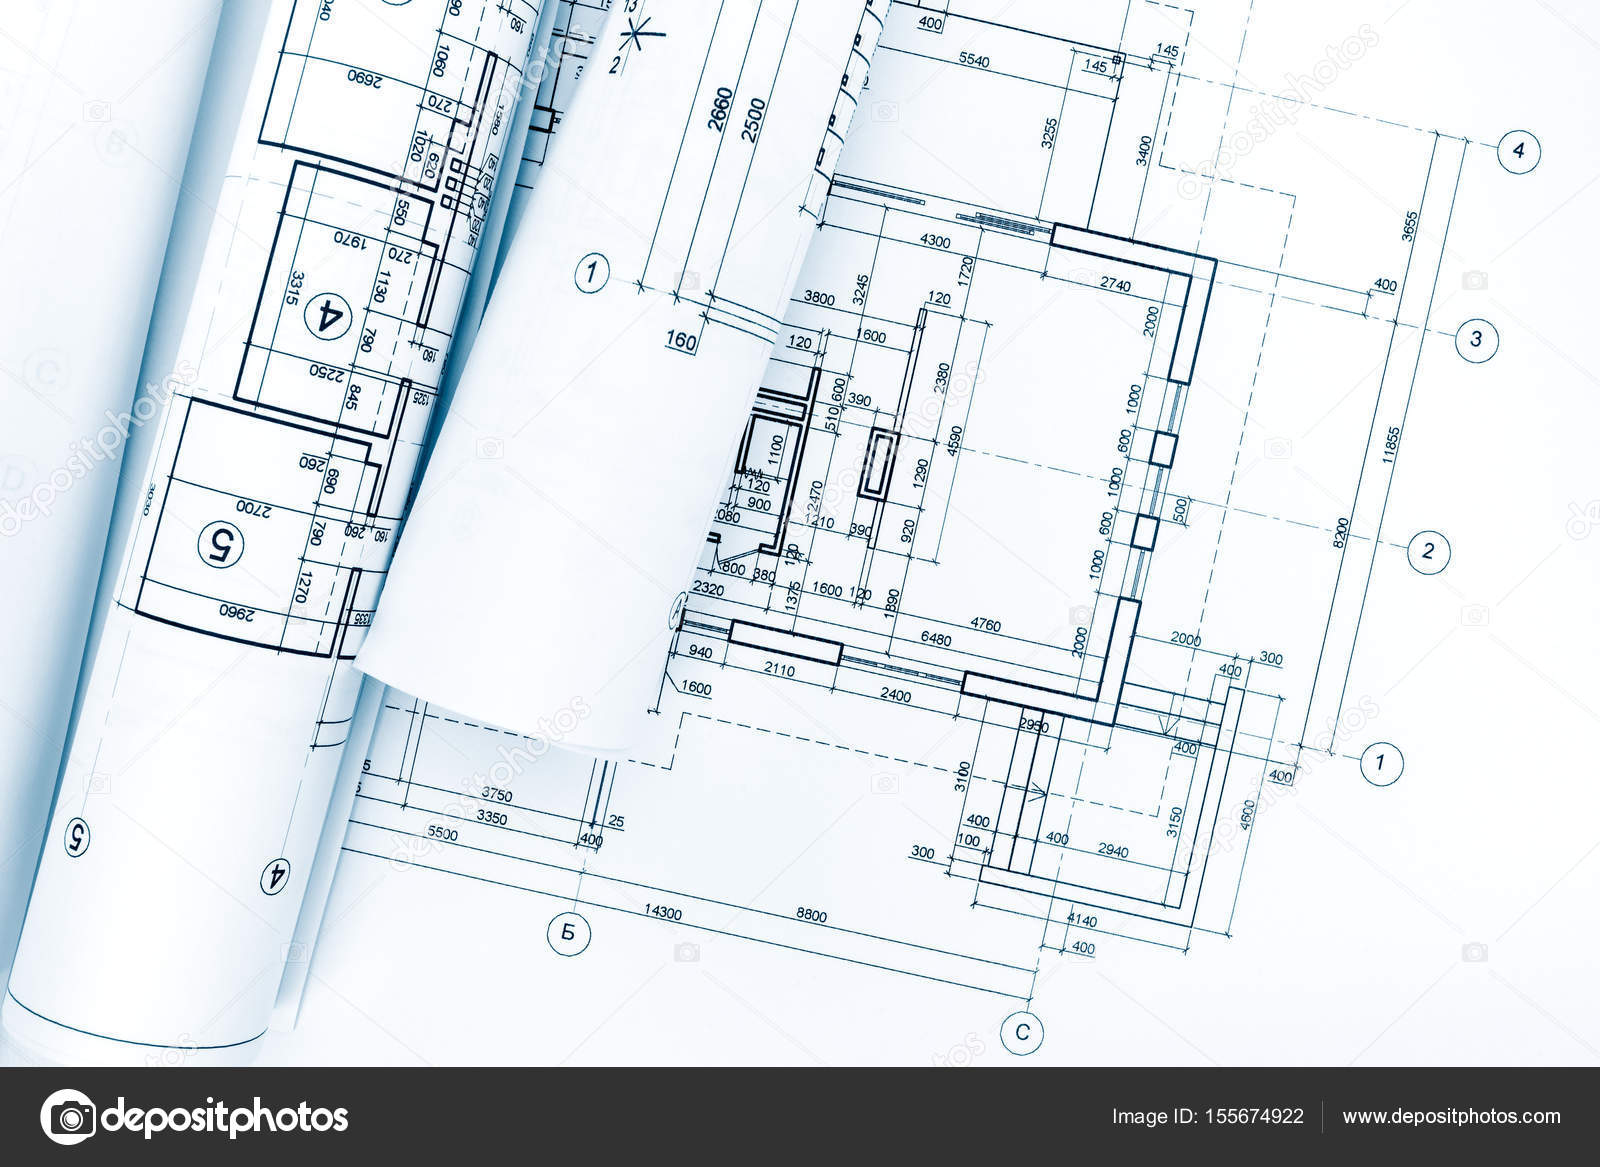 Rollos de planos arquitect nicos y dibujos t cnicos en el for Planos tecnicos arquitectonicos